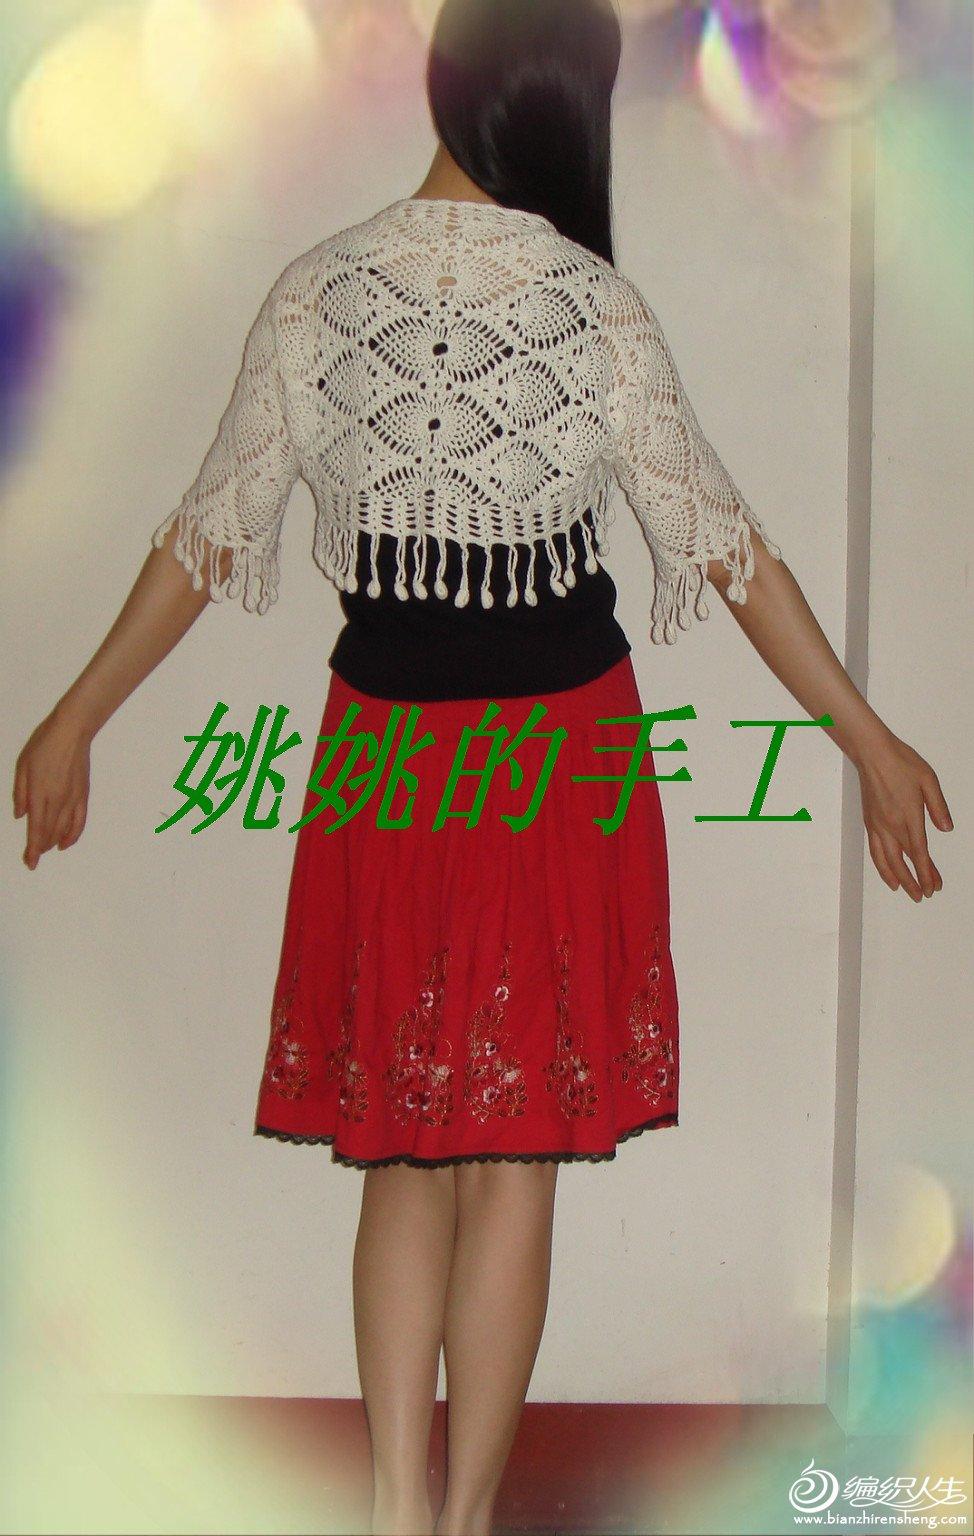 公主】(花稚姊妹款)女童毛线钩裙_高清24p 61  魔羯女---儿童背心